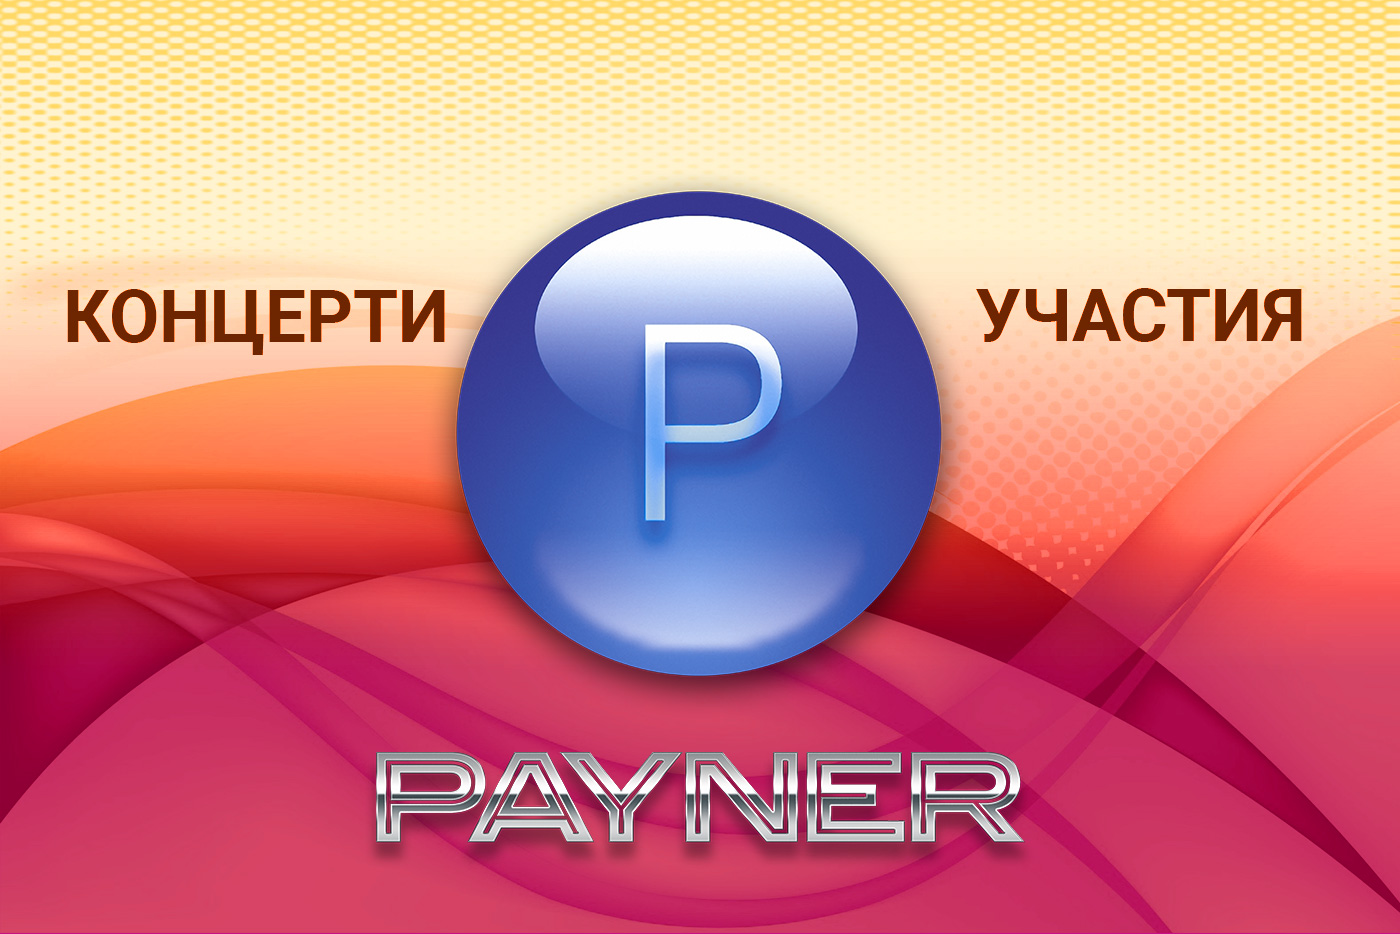 """Участия на звездите на """"Пайнер"""" на 08.12.2018"""